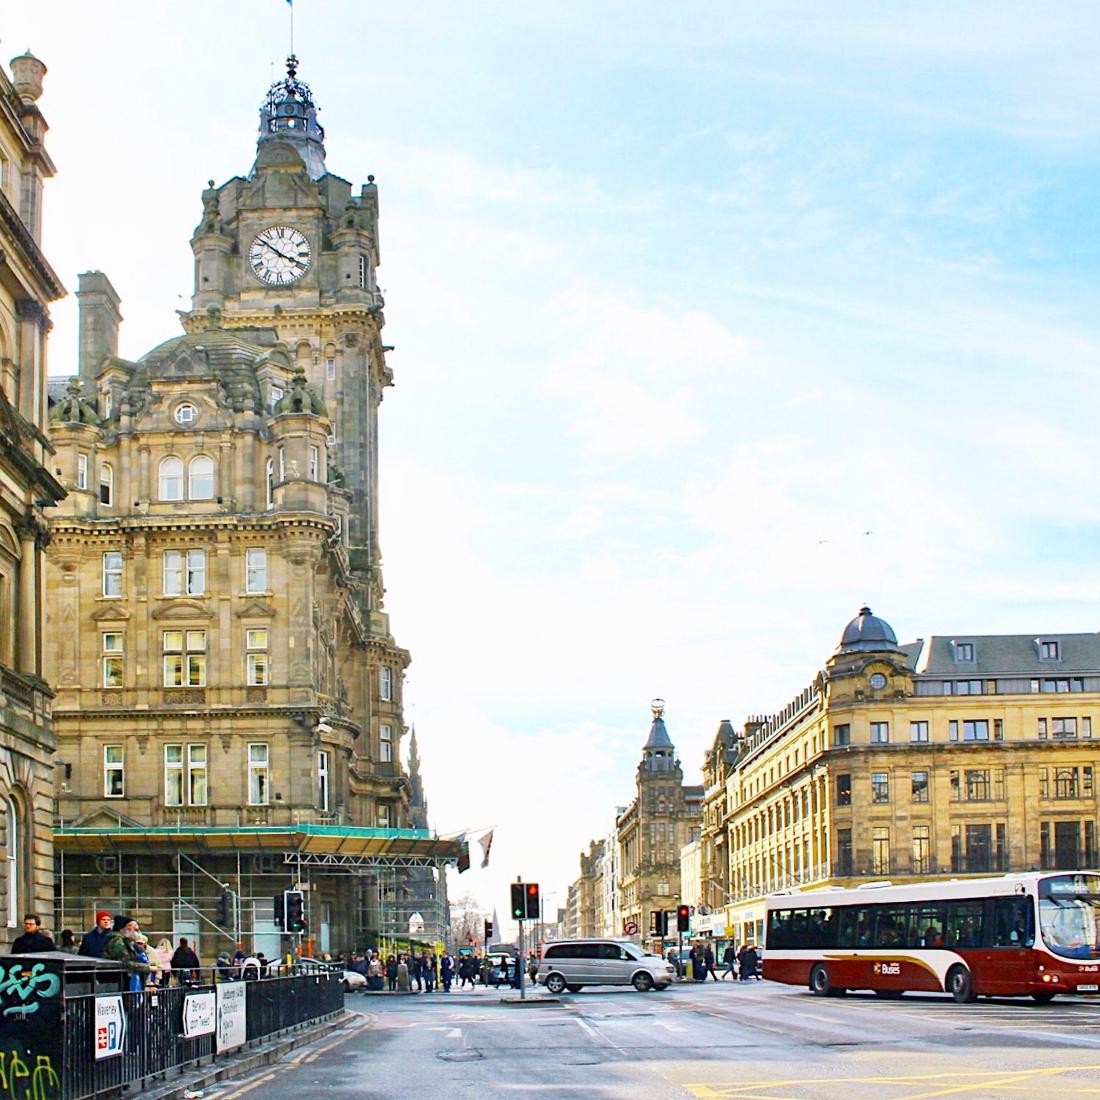 cosa vedere a Edimburgo in 3 giorni: balmoral hotel